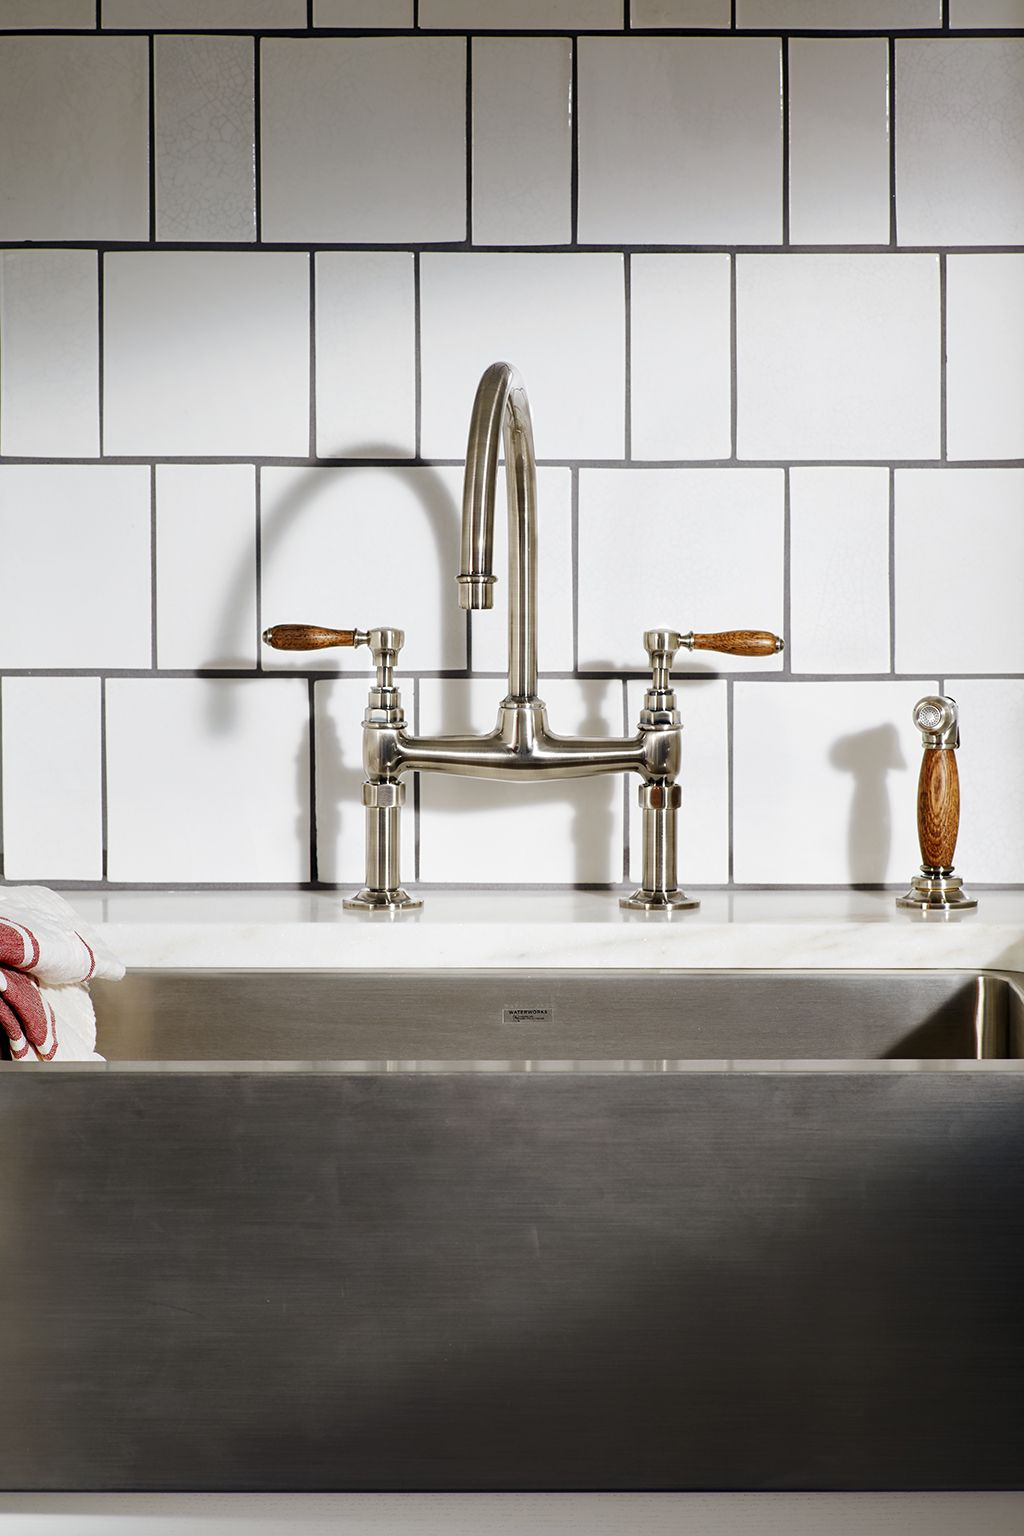 Easton Vintage Two Hole Bridge Gooseneck Kitchen Faucet Oak Lever Handles And Spray Apron Sink Kitchen Farmhouse Apron Kitchen Sinks Gooseneck Kitchen Faucet